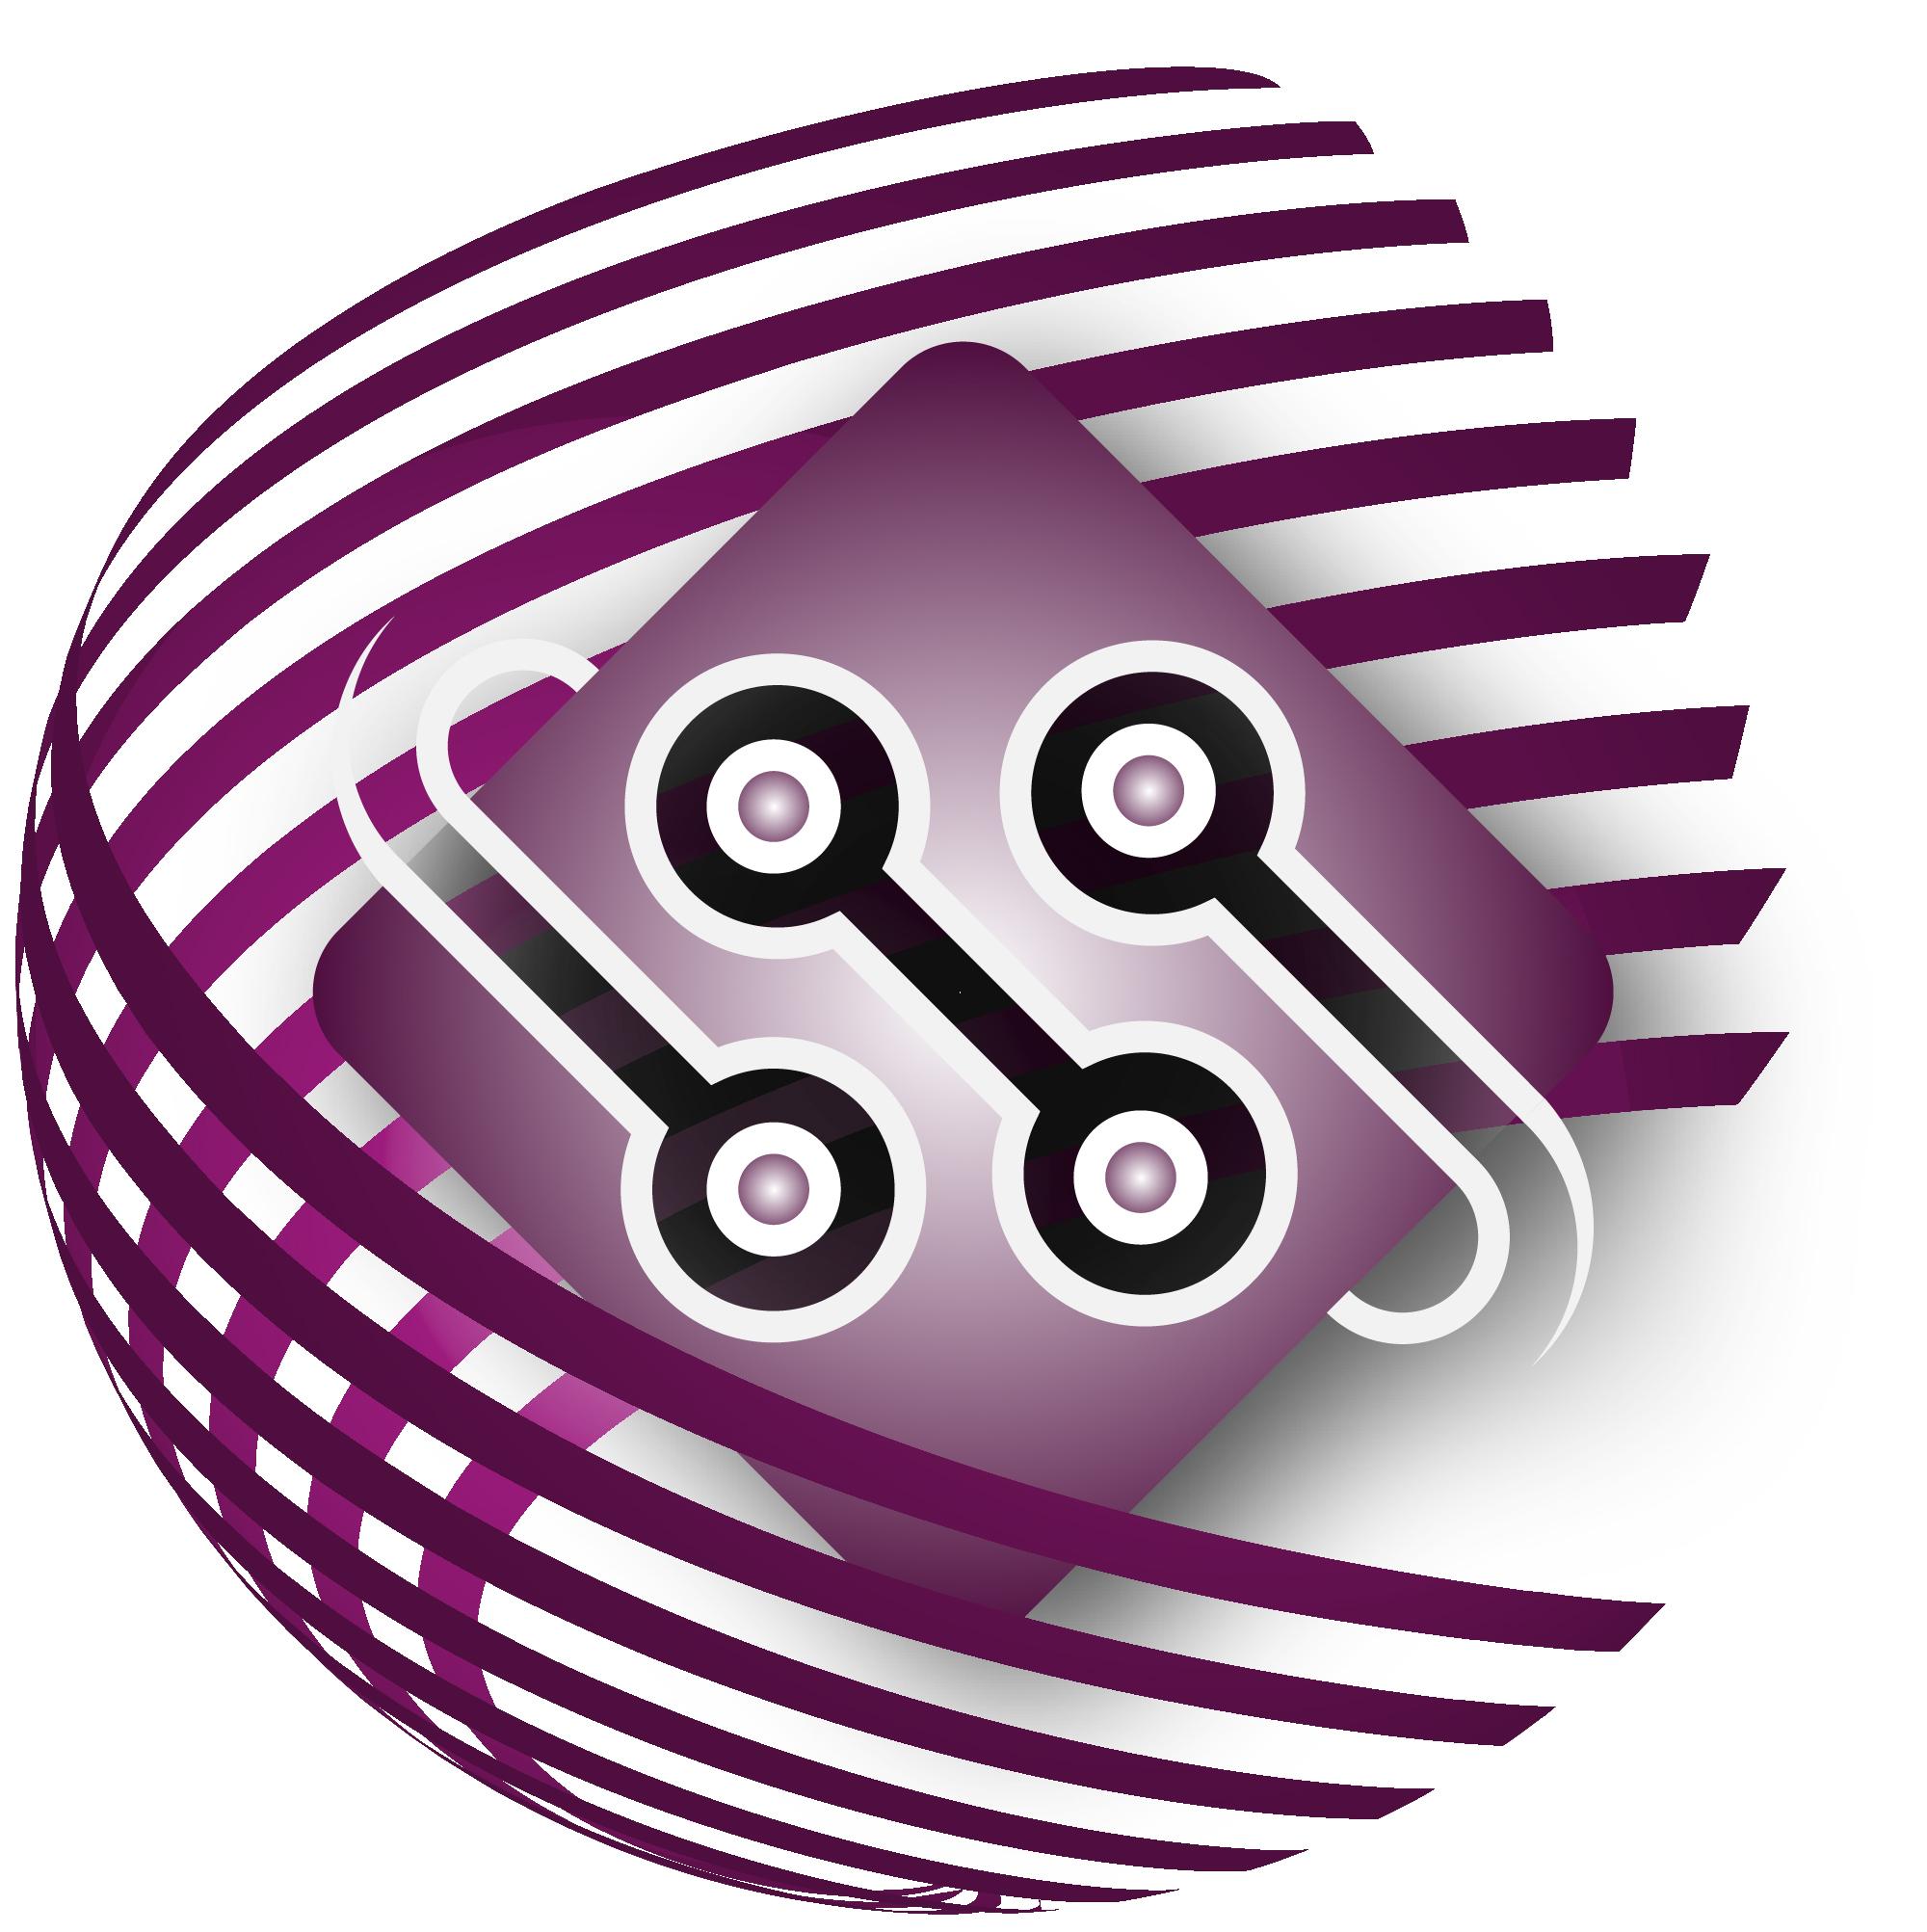 Quantum Computing logo